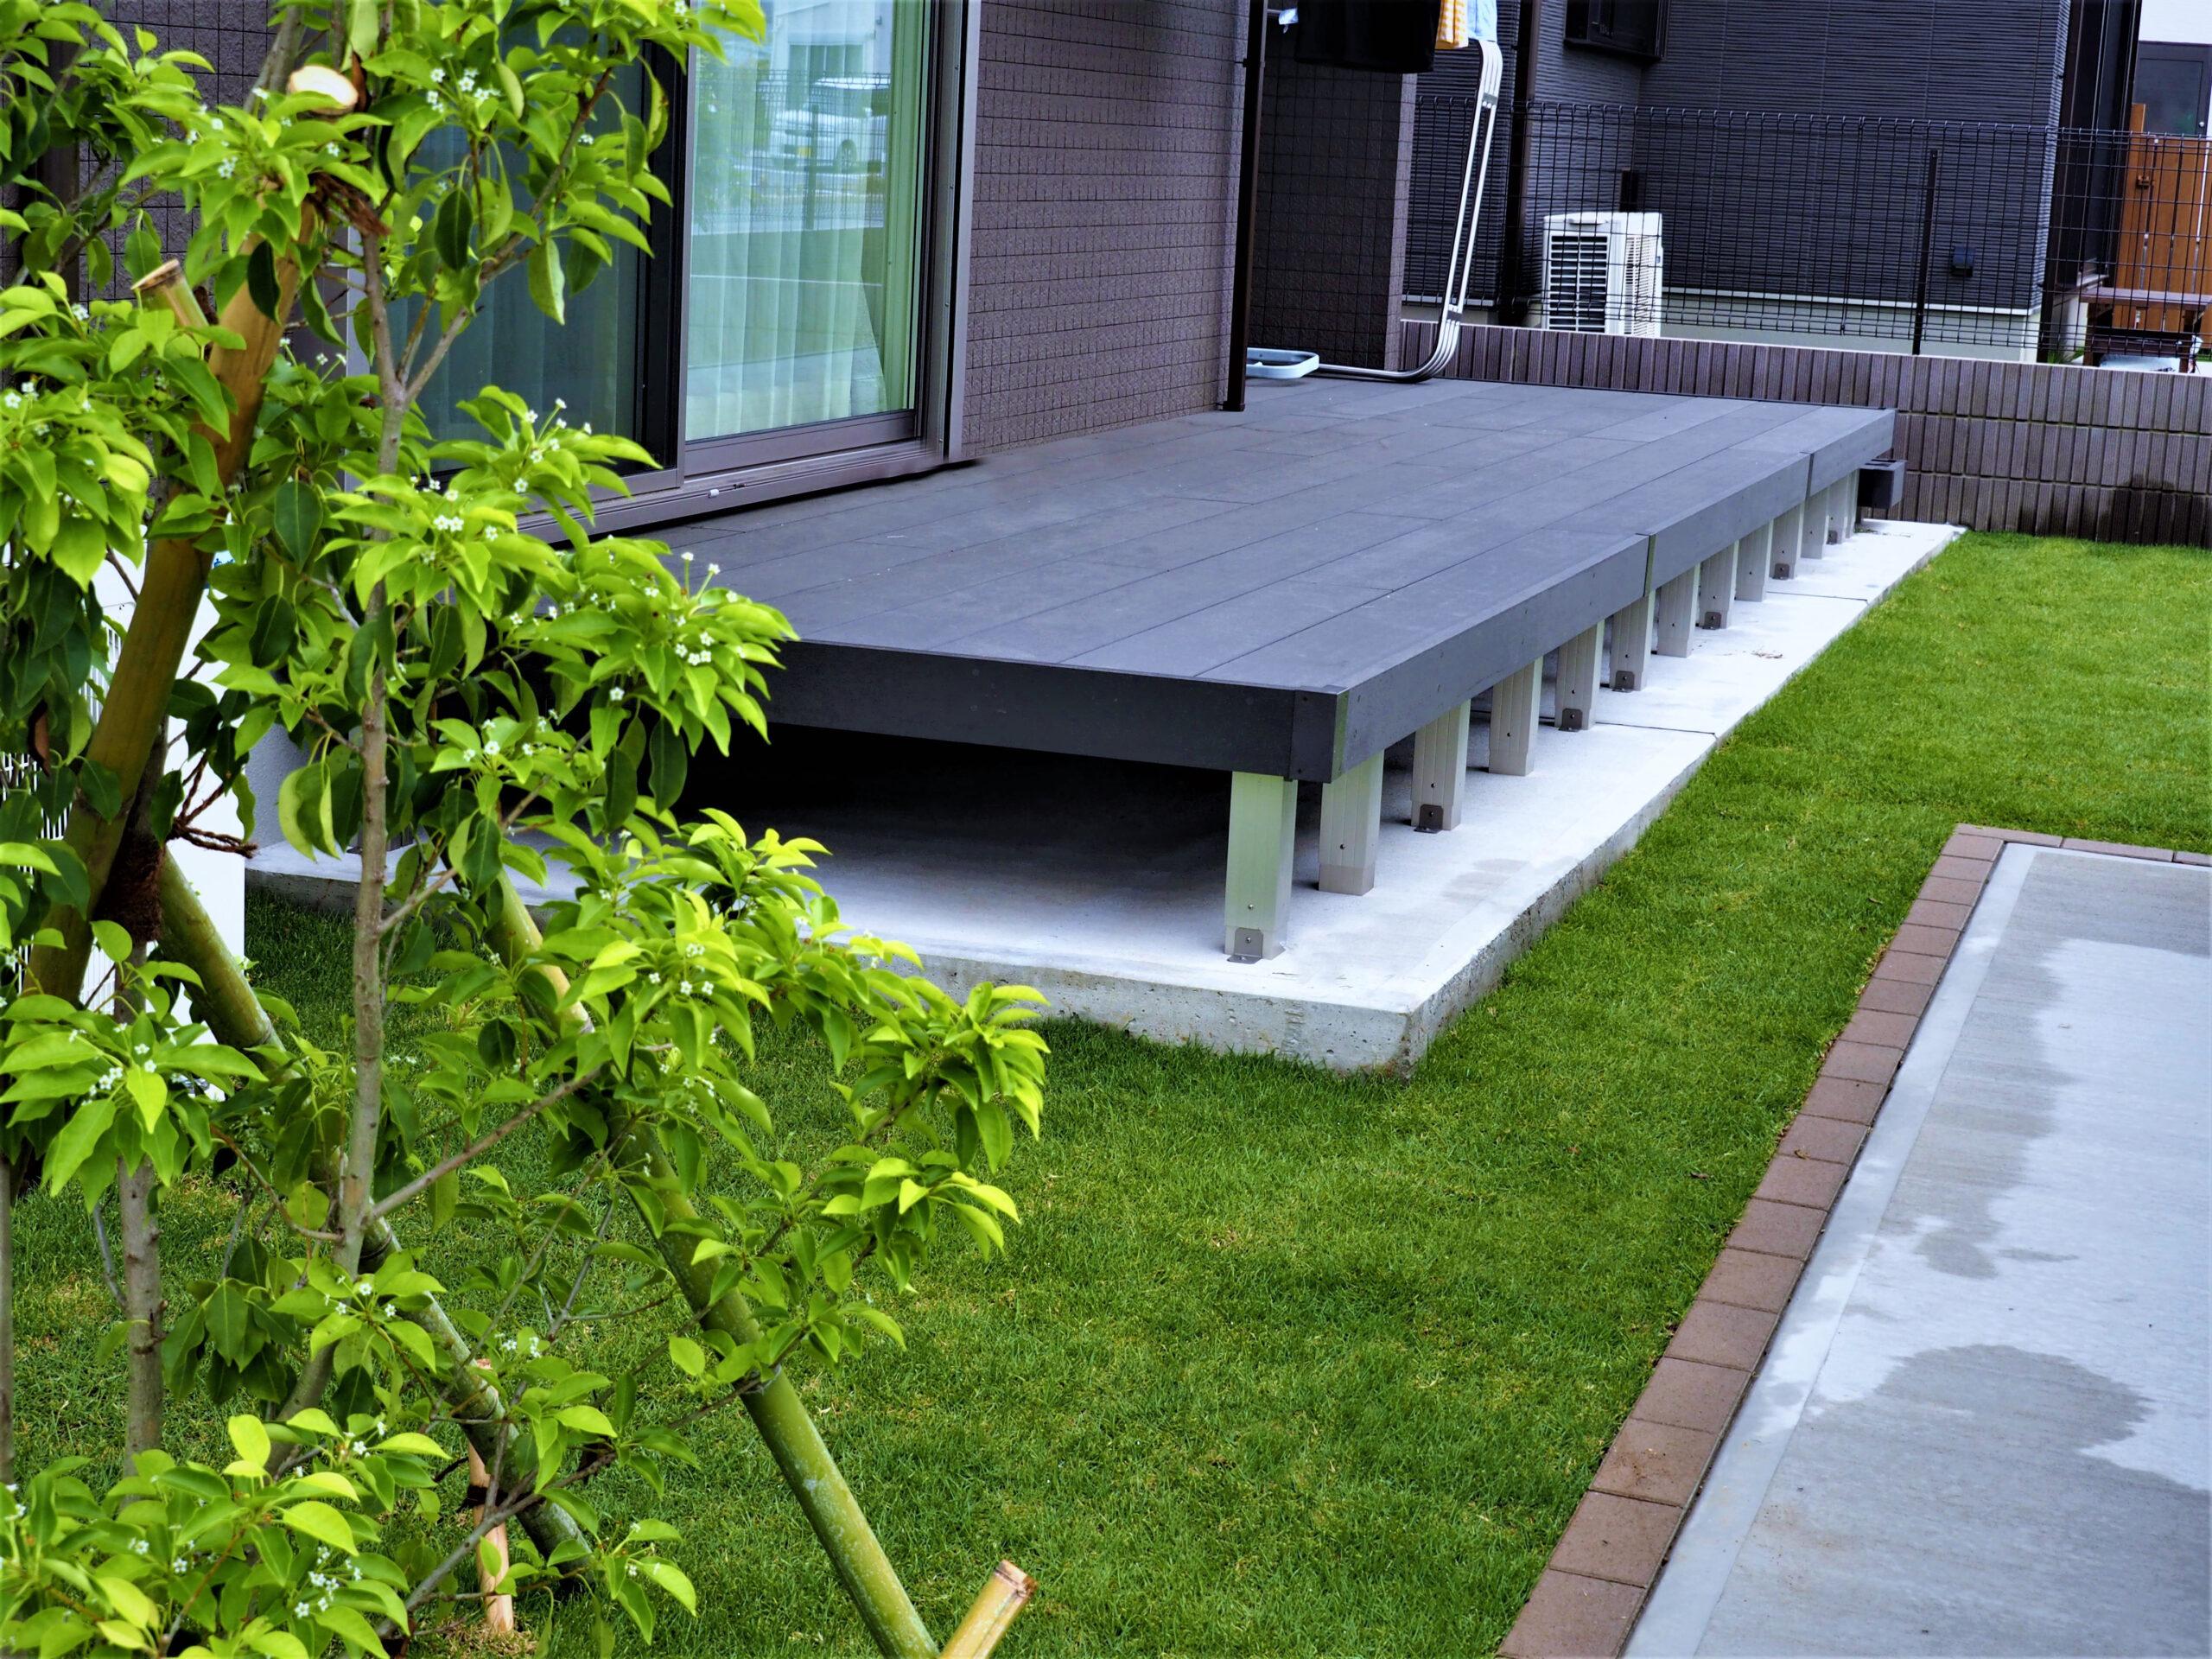 【つくば市 S様邸】 天然芝の緑とウッドデッキのシックな色合いとのコントラストが美しいエクステリア